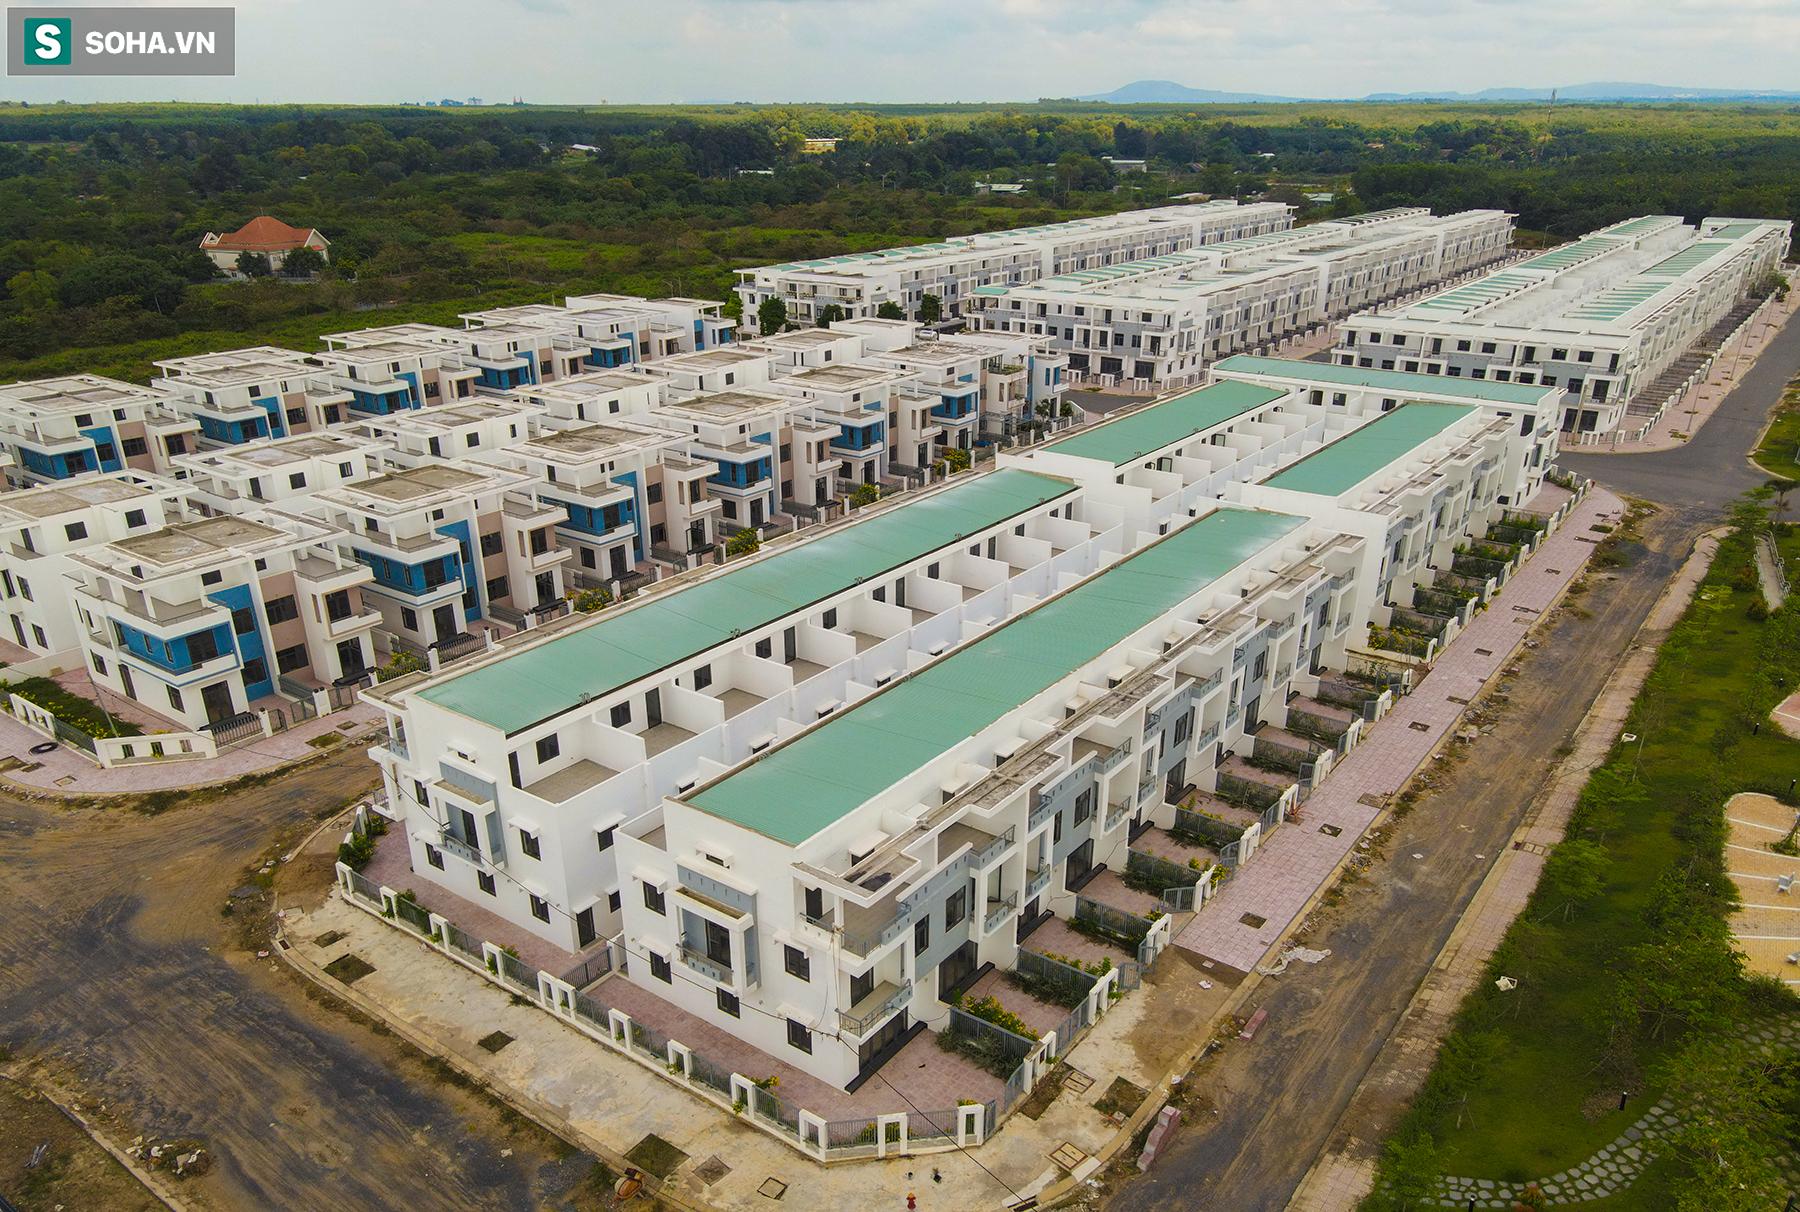 [Ảnh] Cận cảnh dự án với gần 700 căn nhà trái phép, được quảng cáo là đô thị thông minh đầu tiên tại Việt Nam - Ảnh 4.